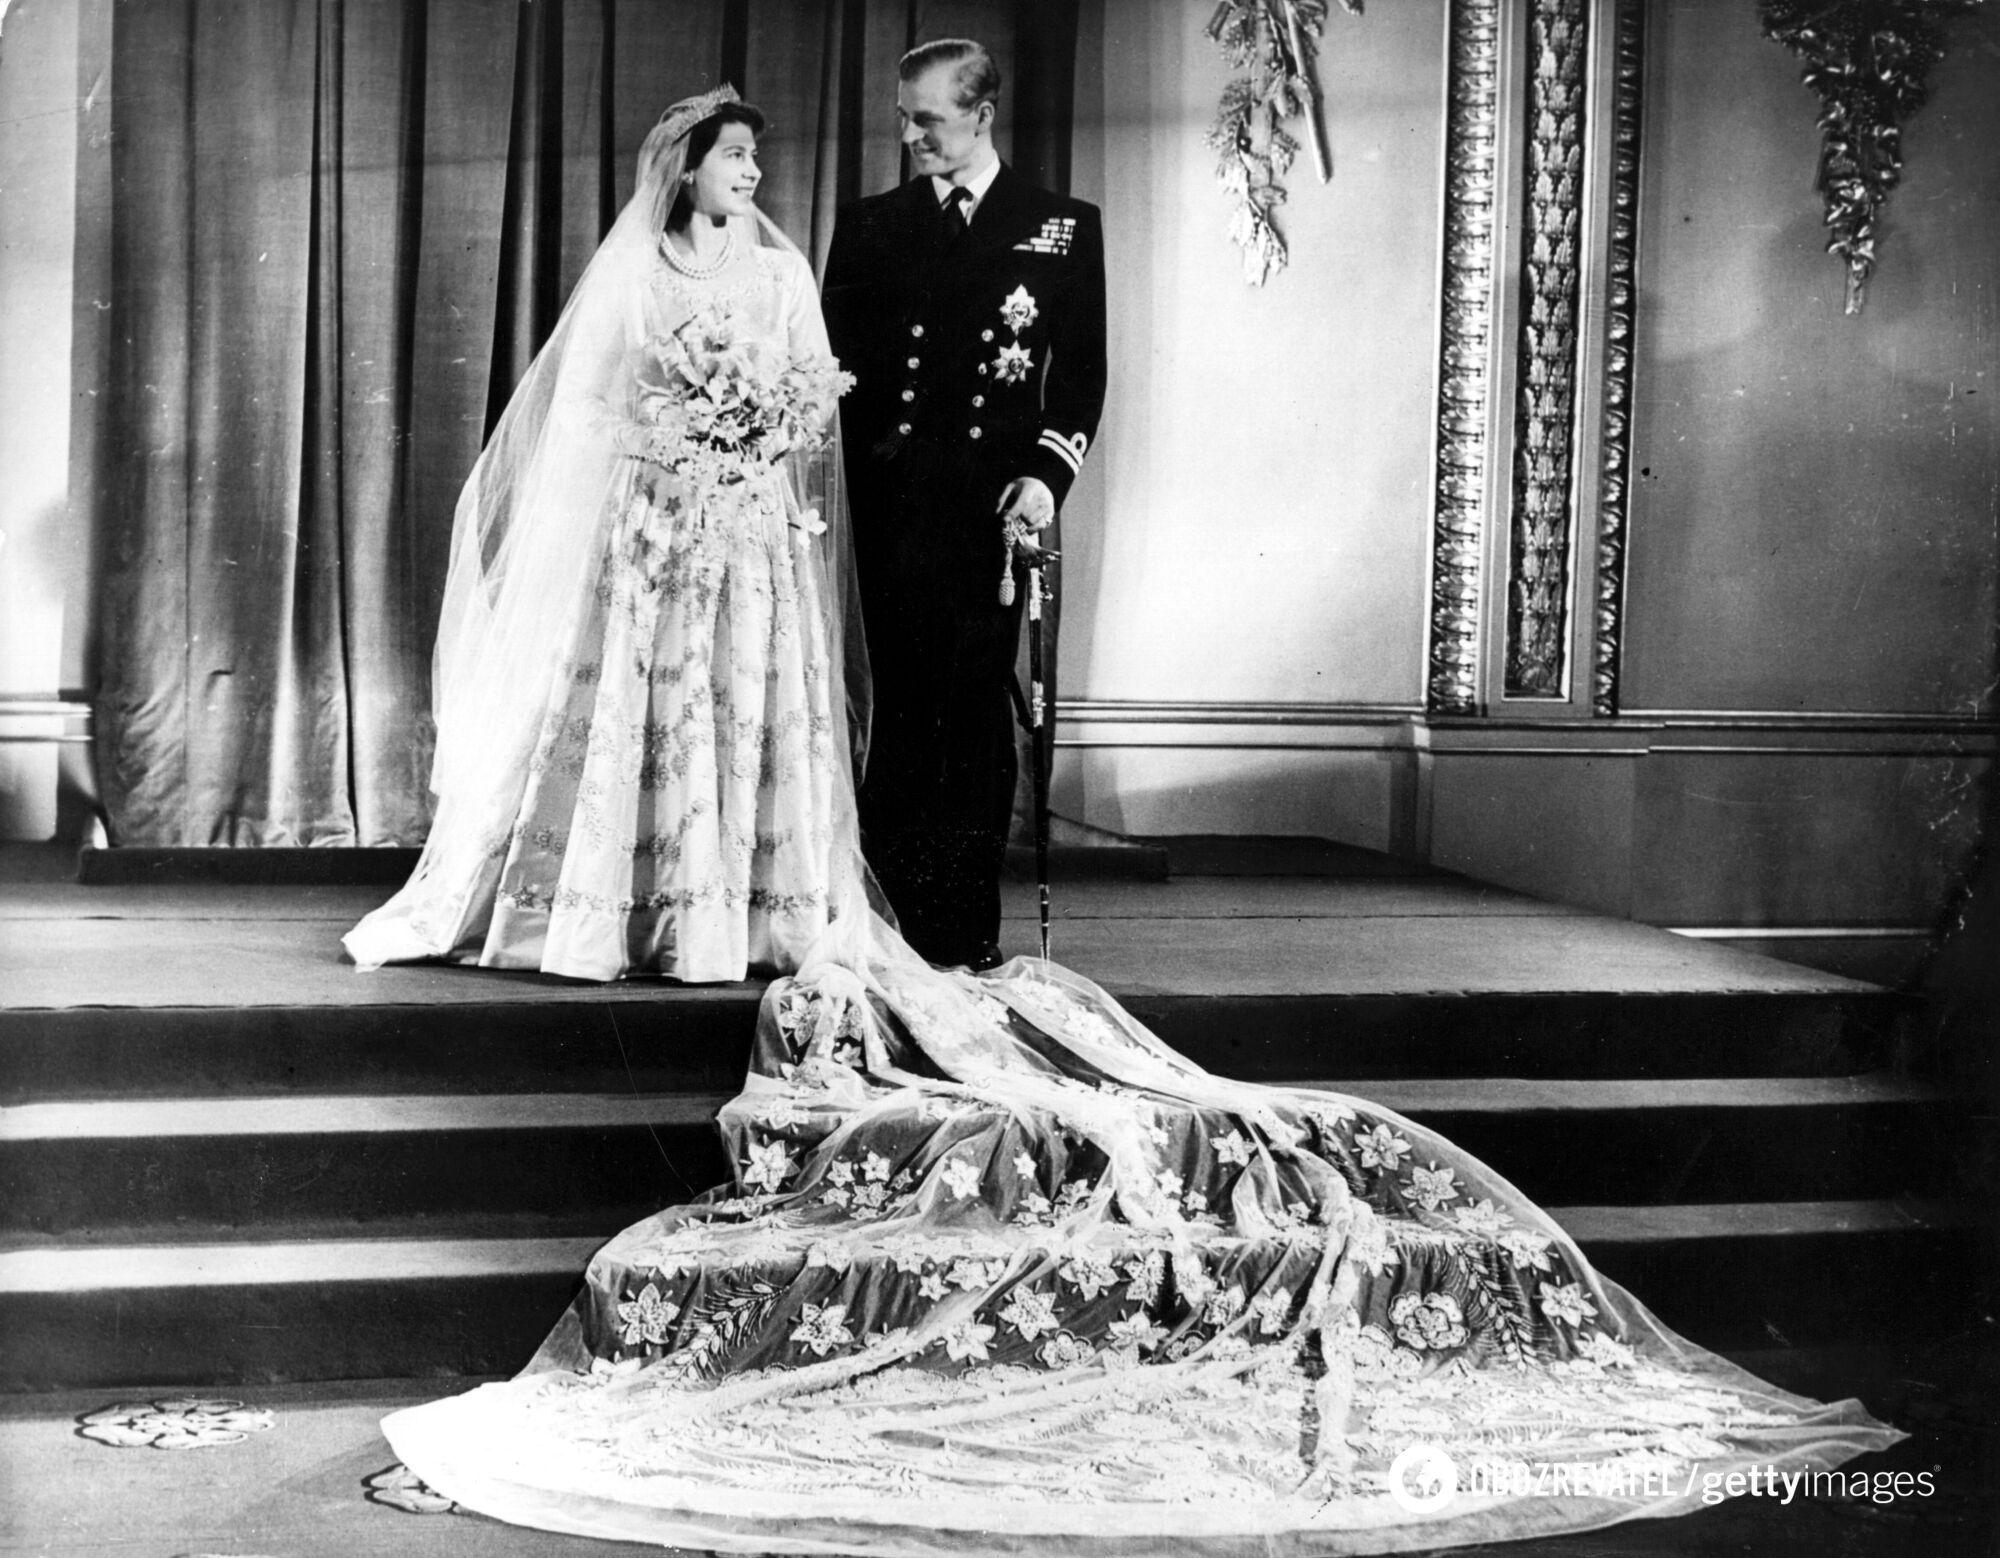 Сукня Єлизавети II зберігається на виставці в Букінгемському палаці.